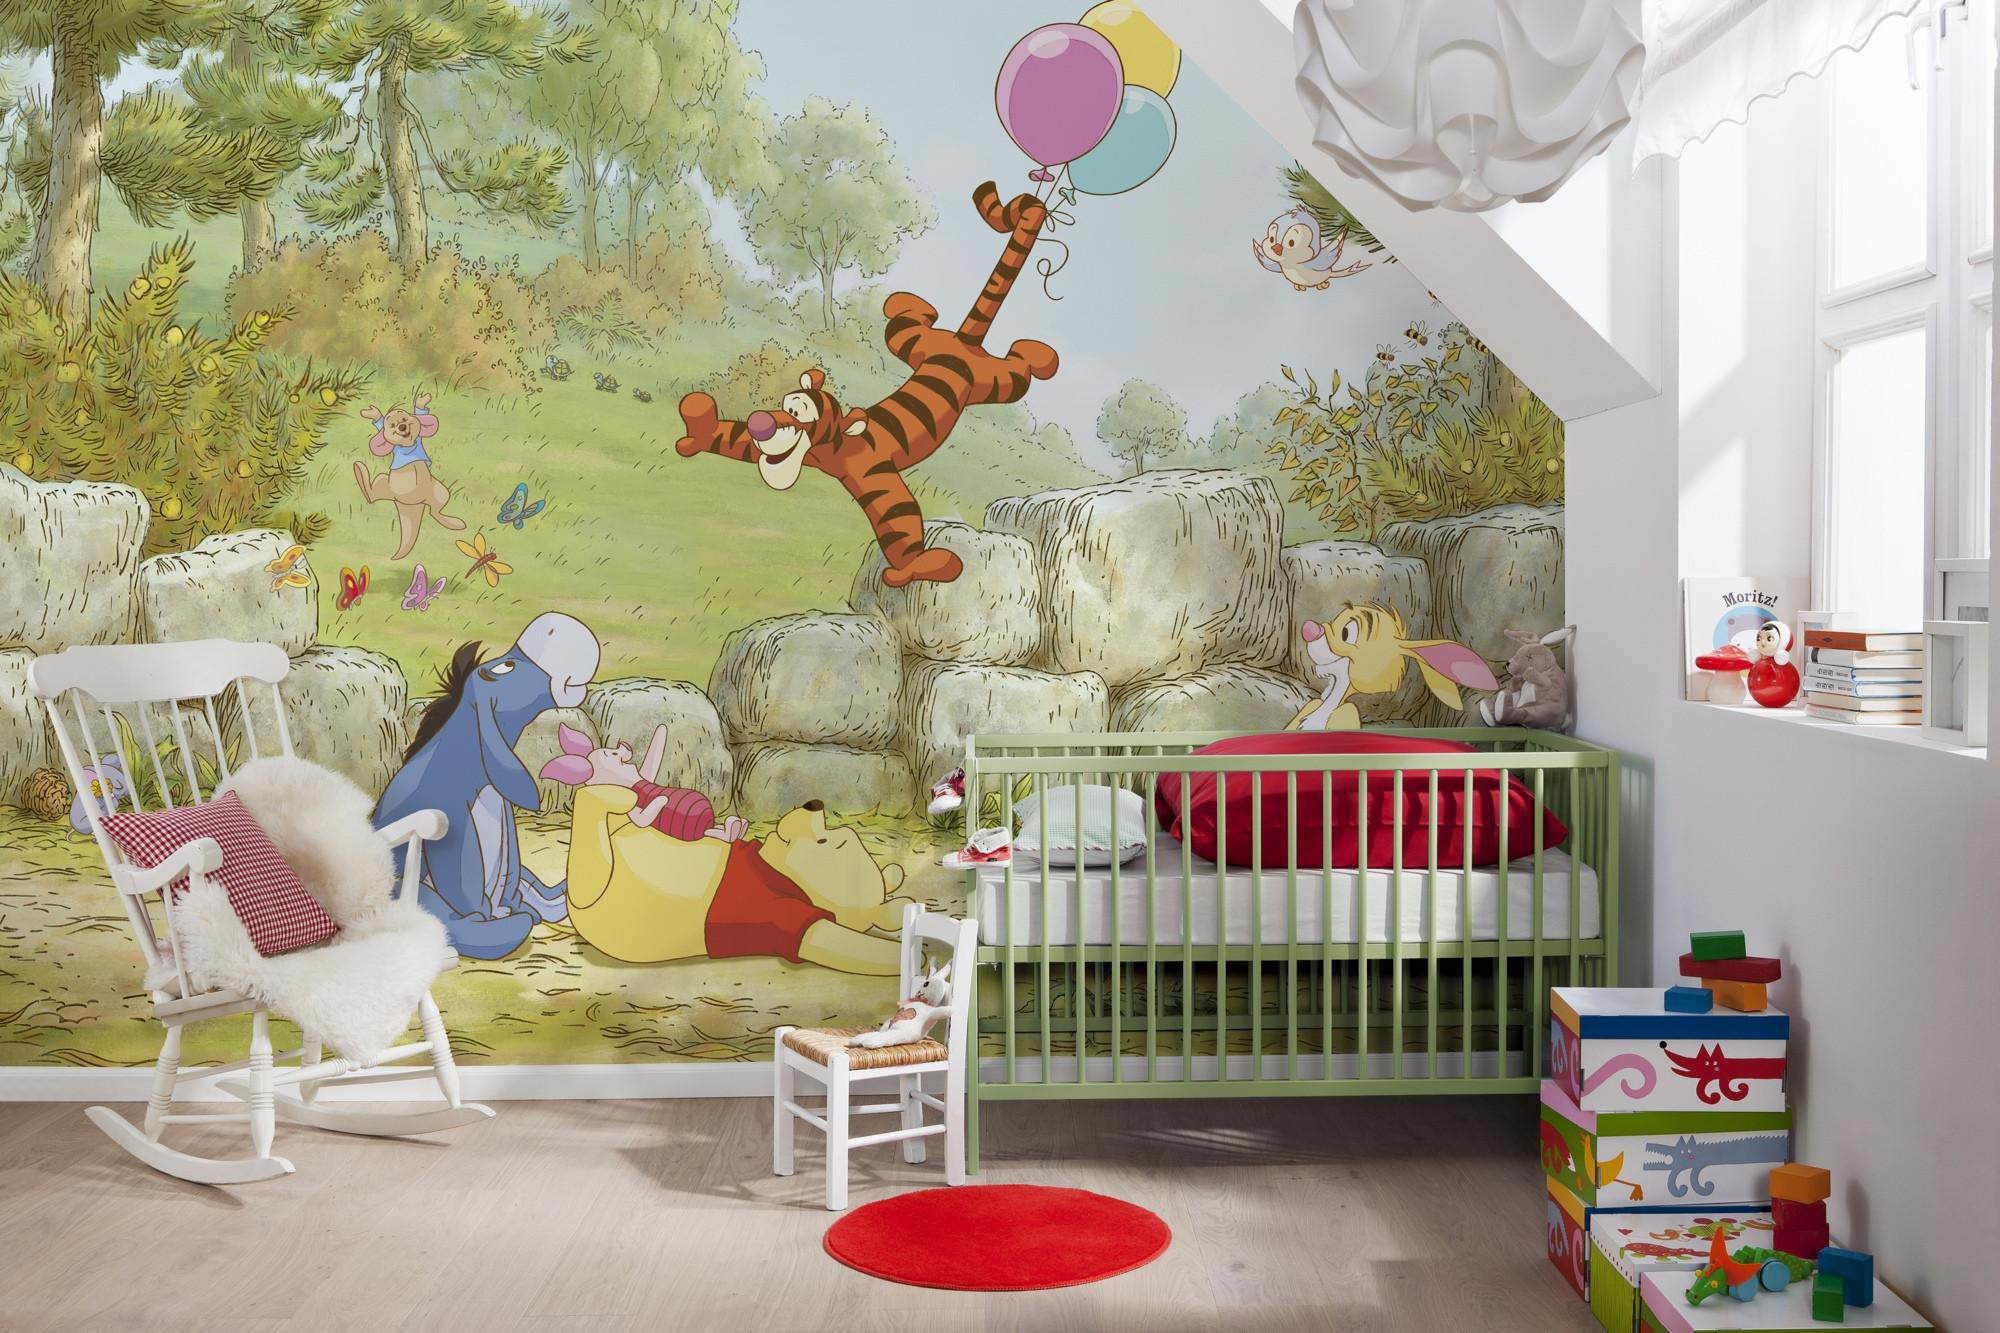 fototapete winnie pooh ballooning von komar disney. Black Bedroom Furniture Sets. Home Design Ideas